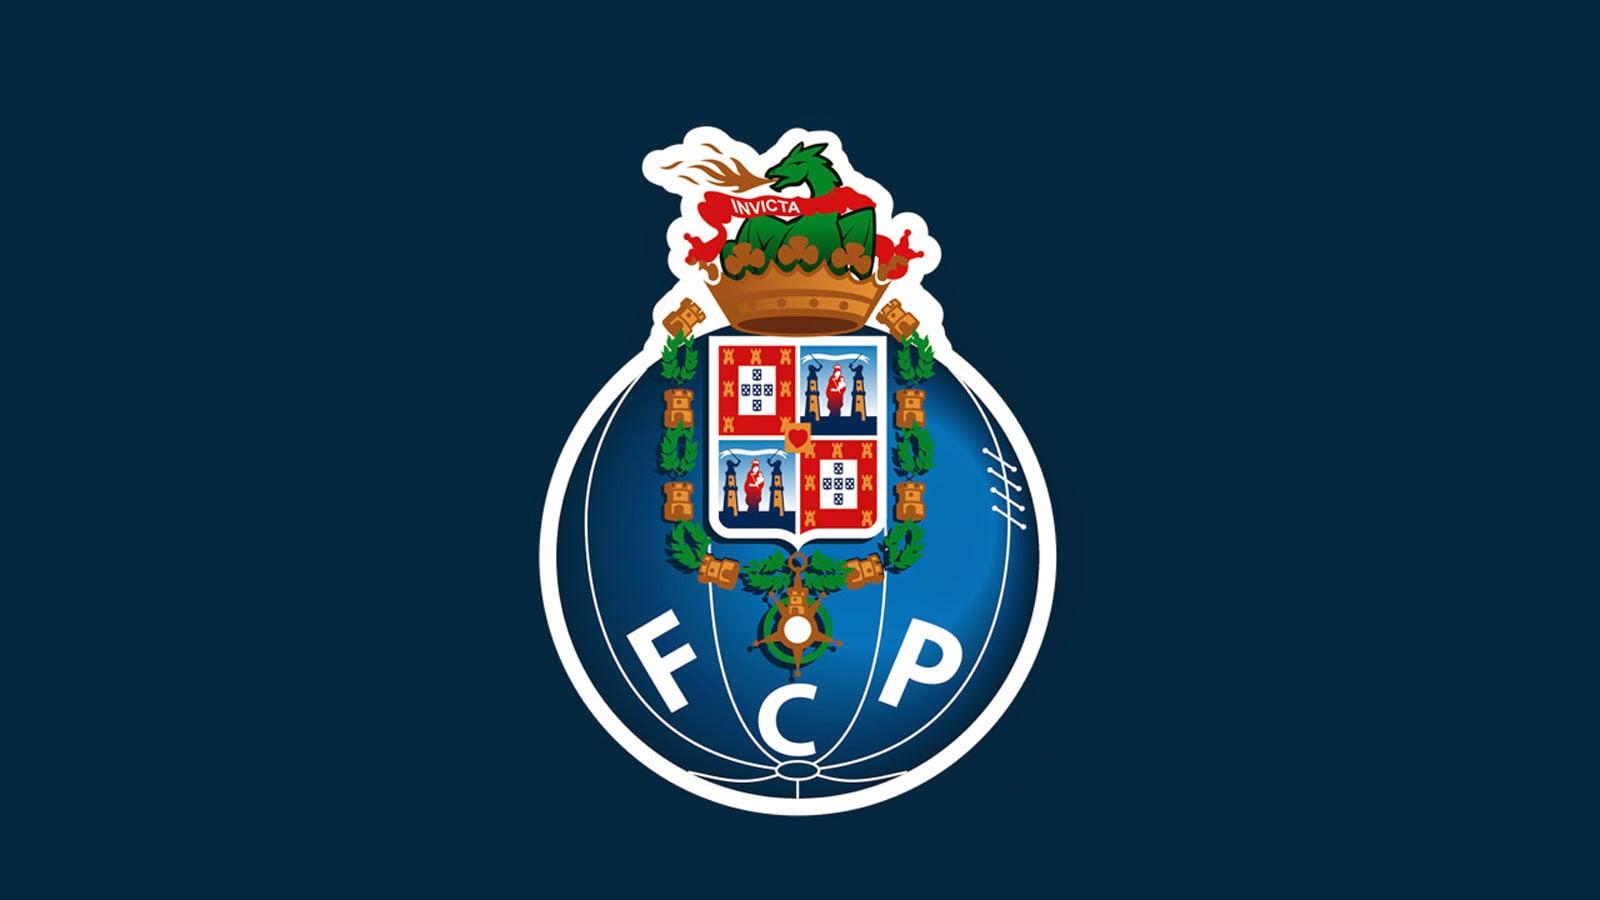 بورتو البرتغالي يعلن عن ضم مهاجم جديد سيرتدي رقم 10